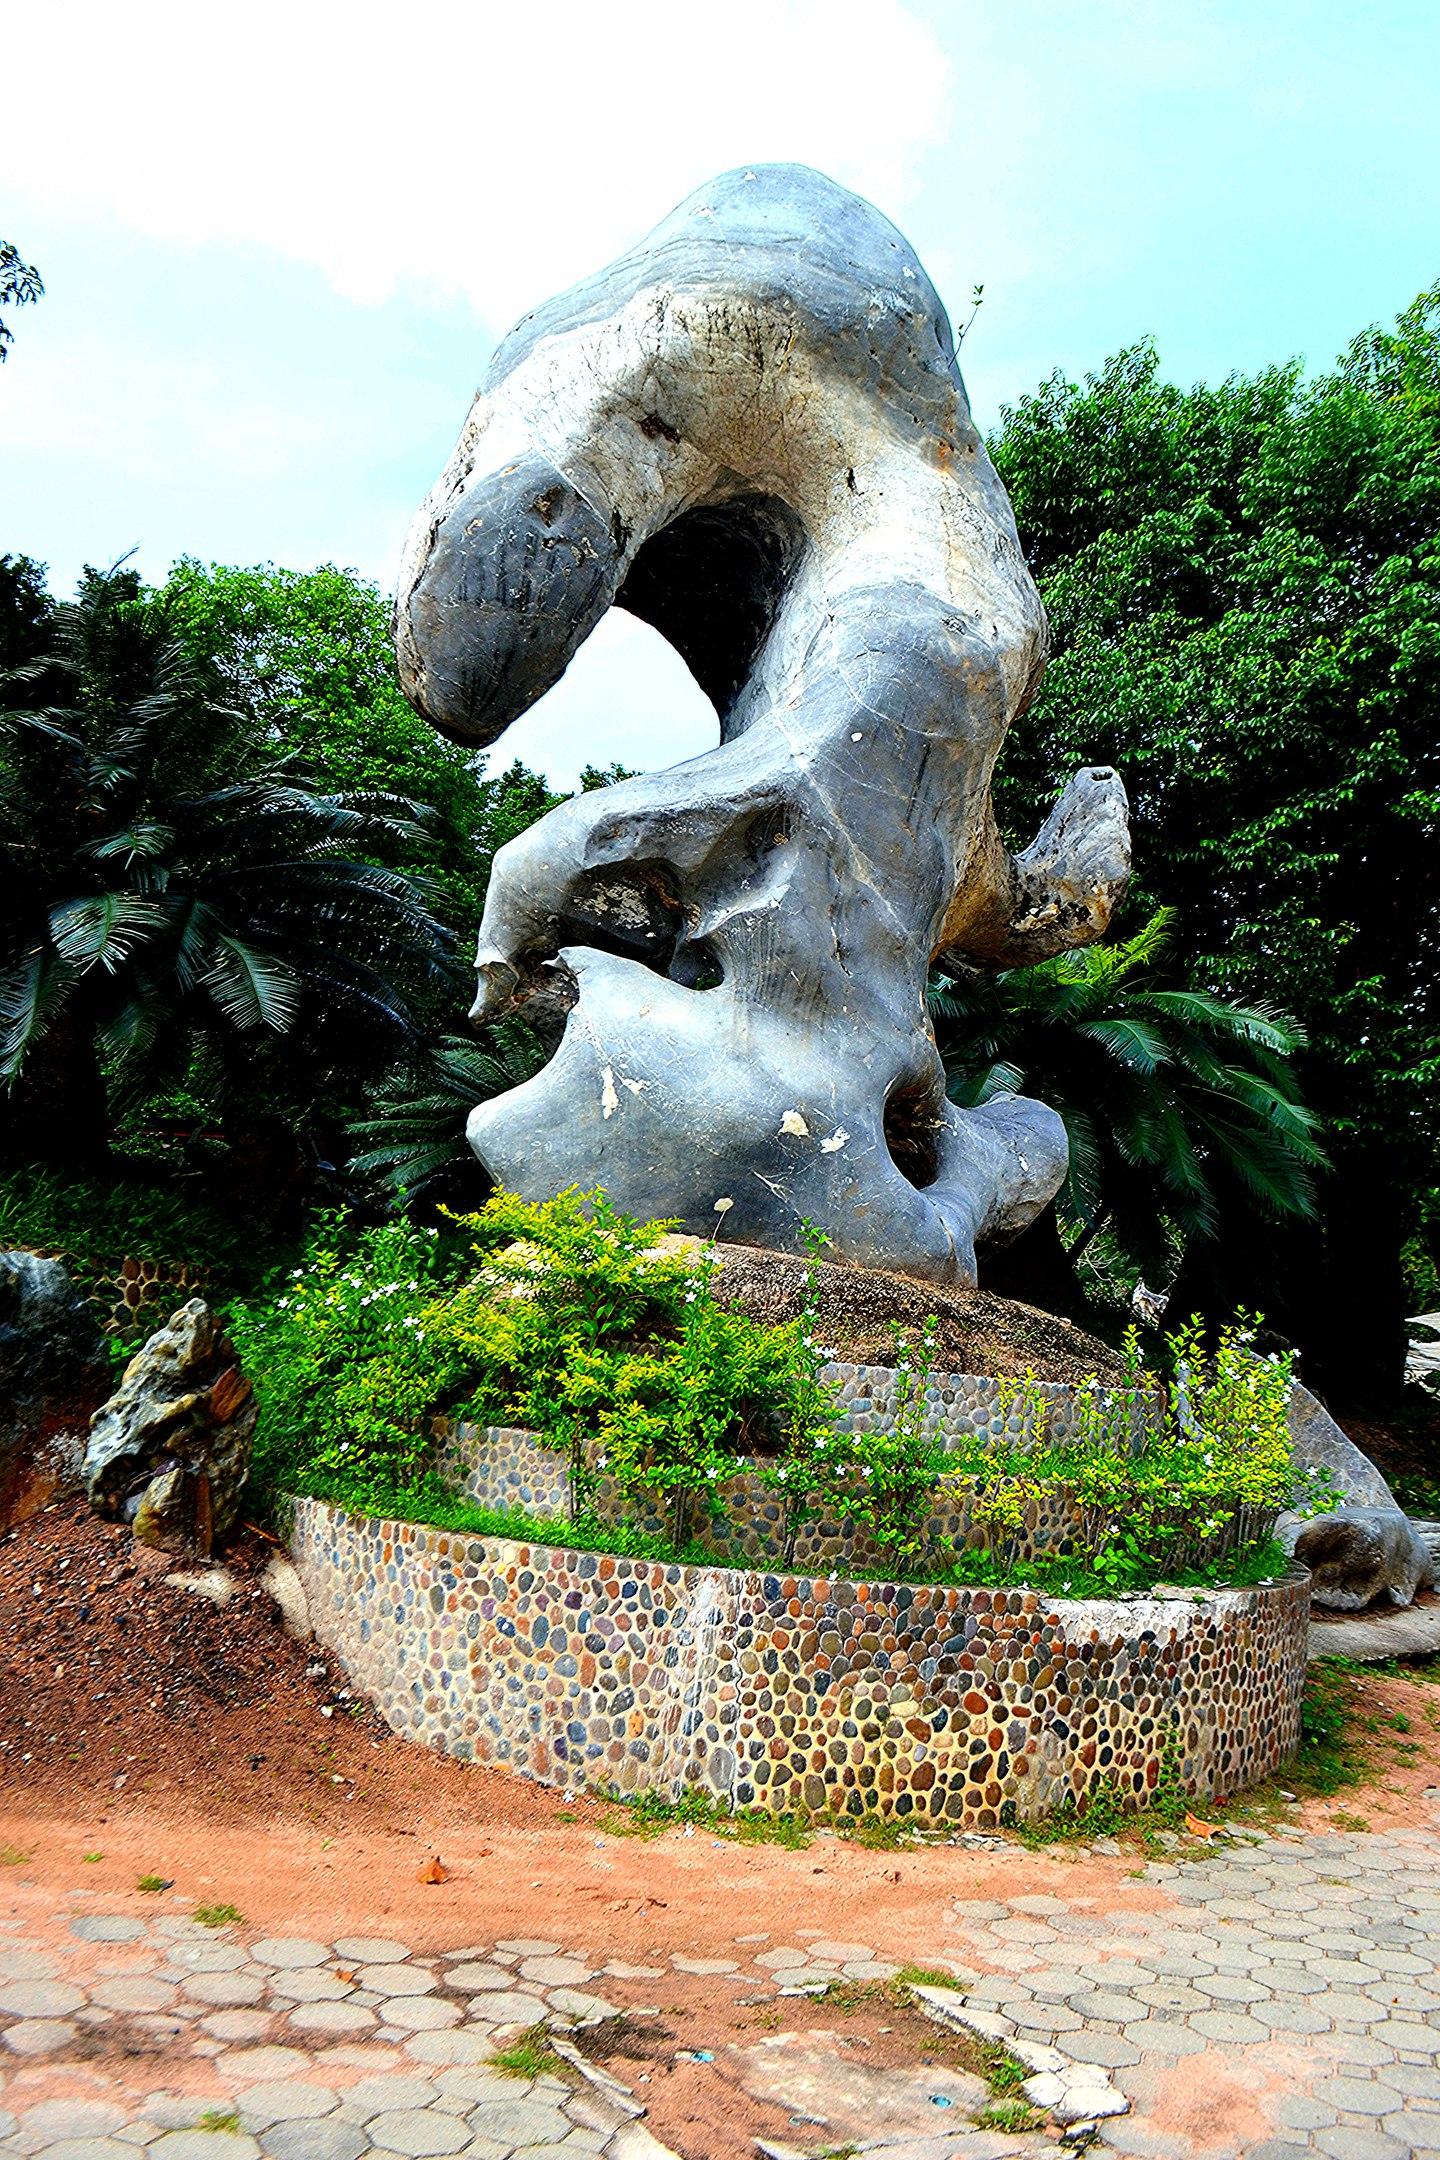 Елена Руденко ( Валтея ). Таиланд. Парк миллионолетних камней и крокодиловая ферма. C3aIx5yIdqY